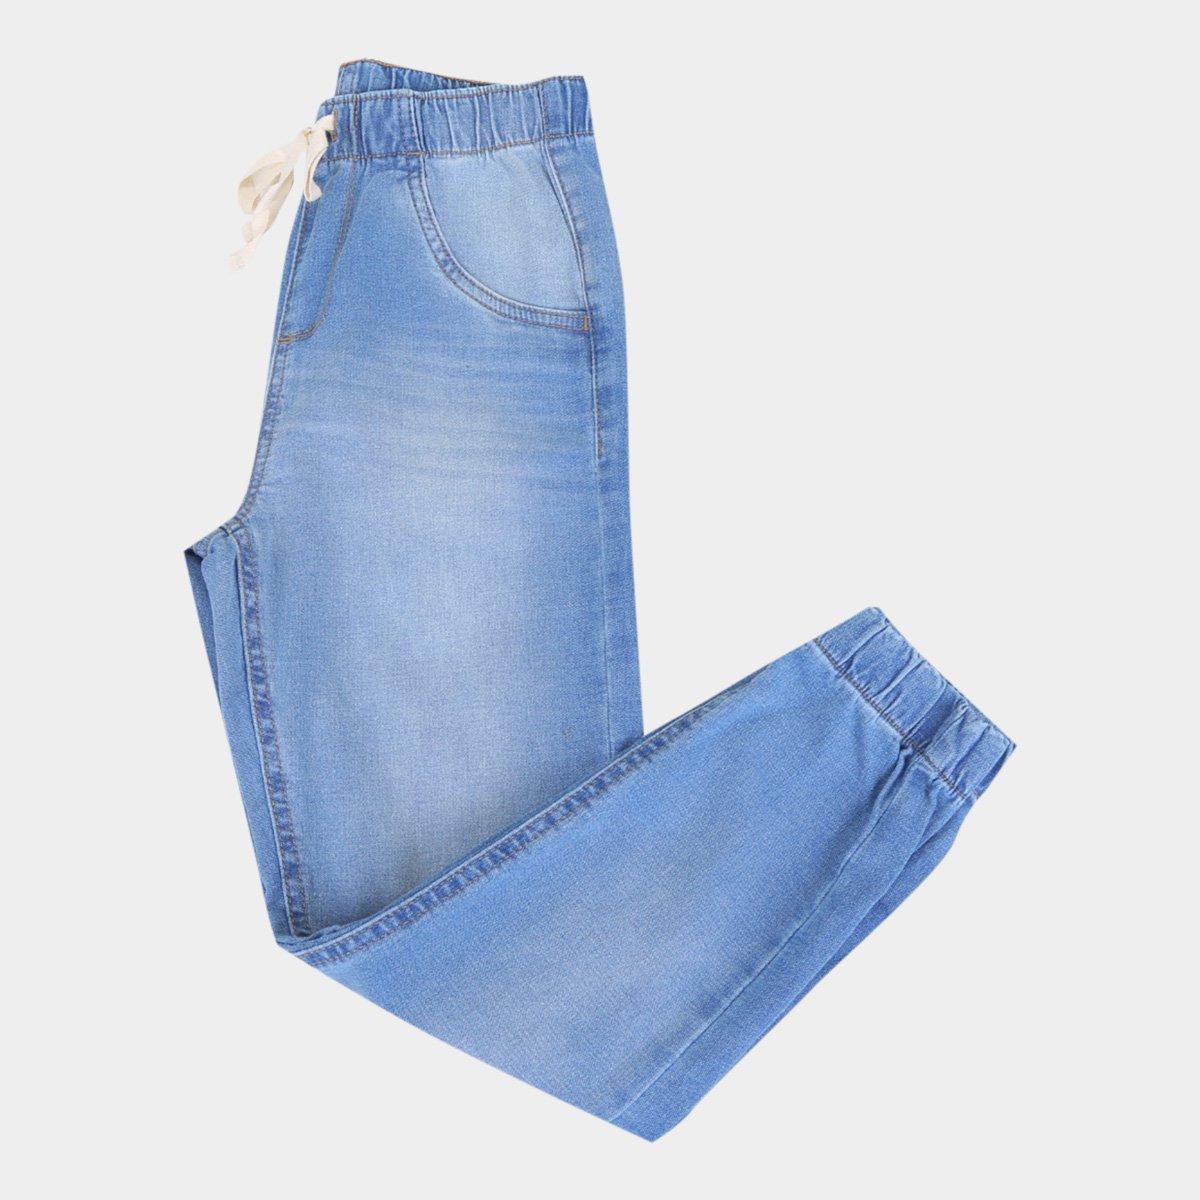 Calça Jeans Jogger Infantil Hering Masculina